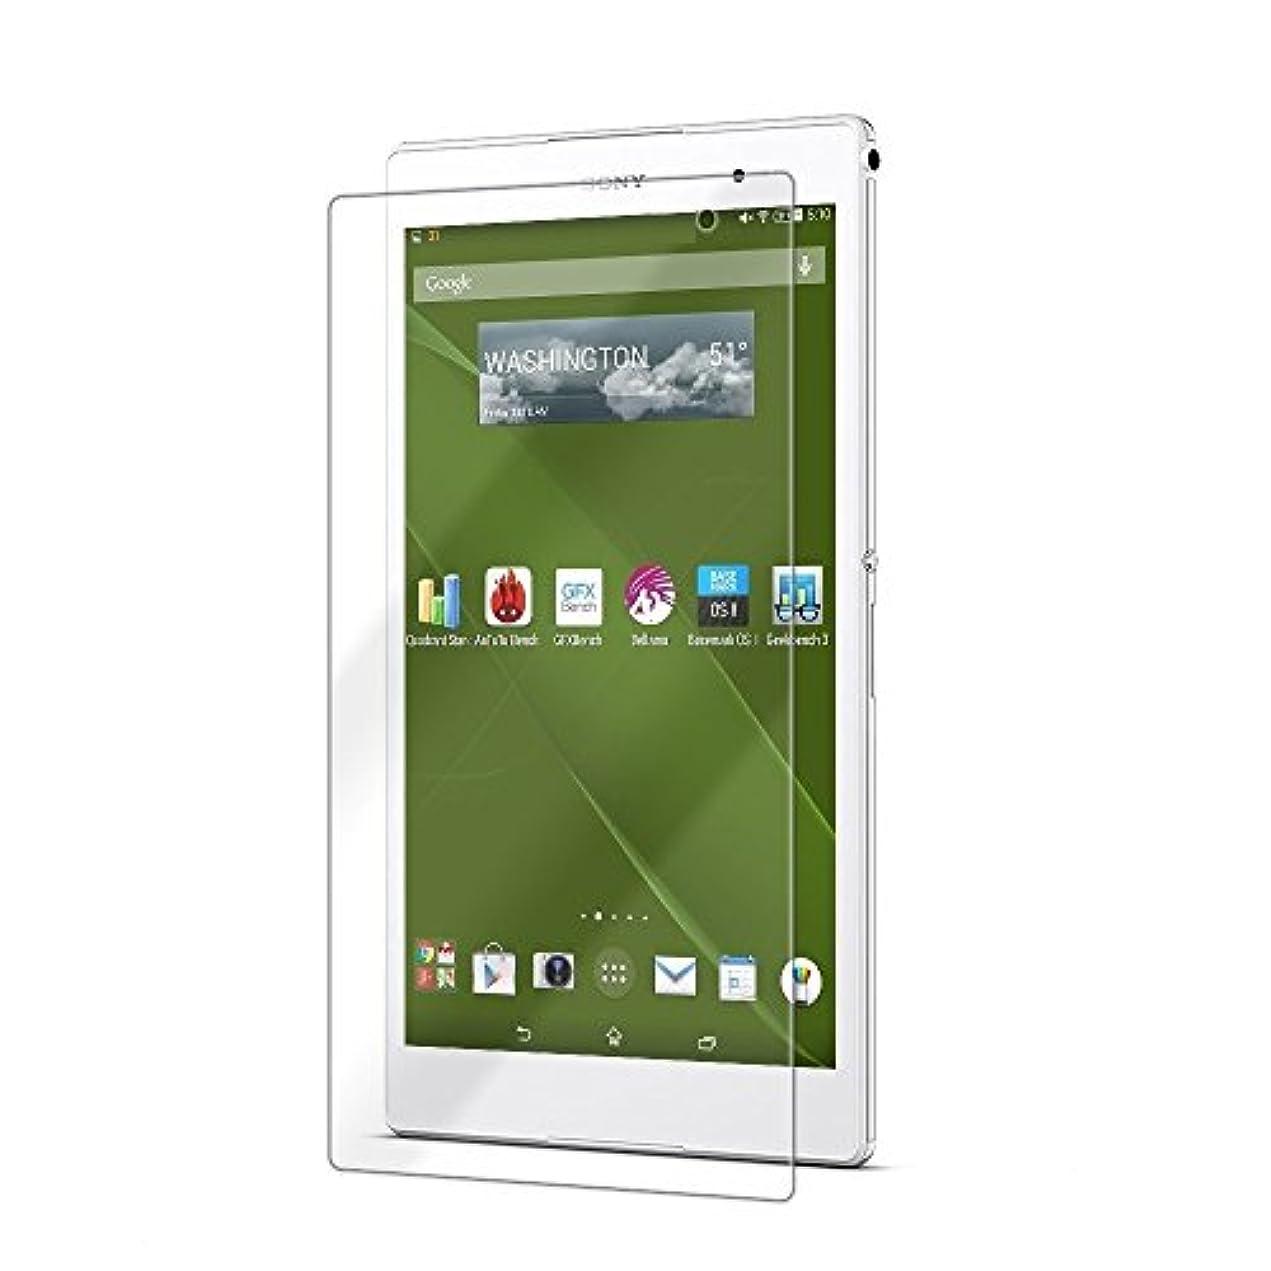 たるみ支配するポンペイXperia Z3 Tablet Compact 液晶保護フィルム [ エクスペリア Z3 タブレット コンパクト 16GB 32GB Wi-Fiモデル 8インチ 対応 ] 自己吸着式 紫外線カット 透明度99%加工 SCREEN SHIELD コーティング スクリーンシート【画面保護】 …